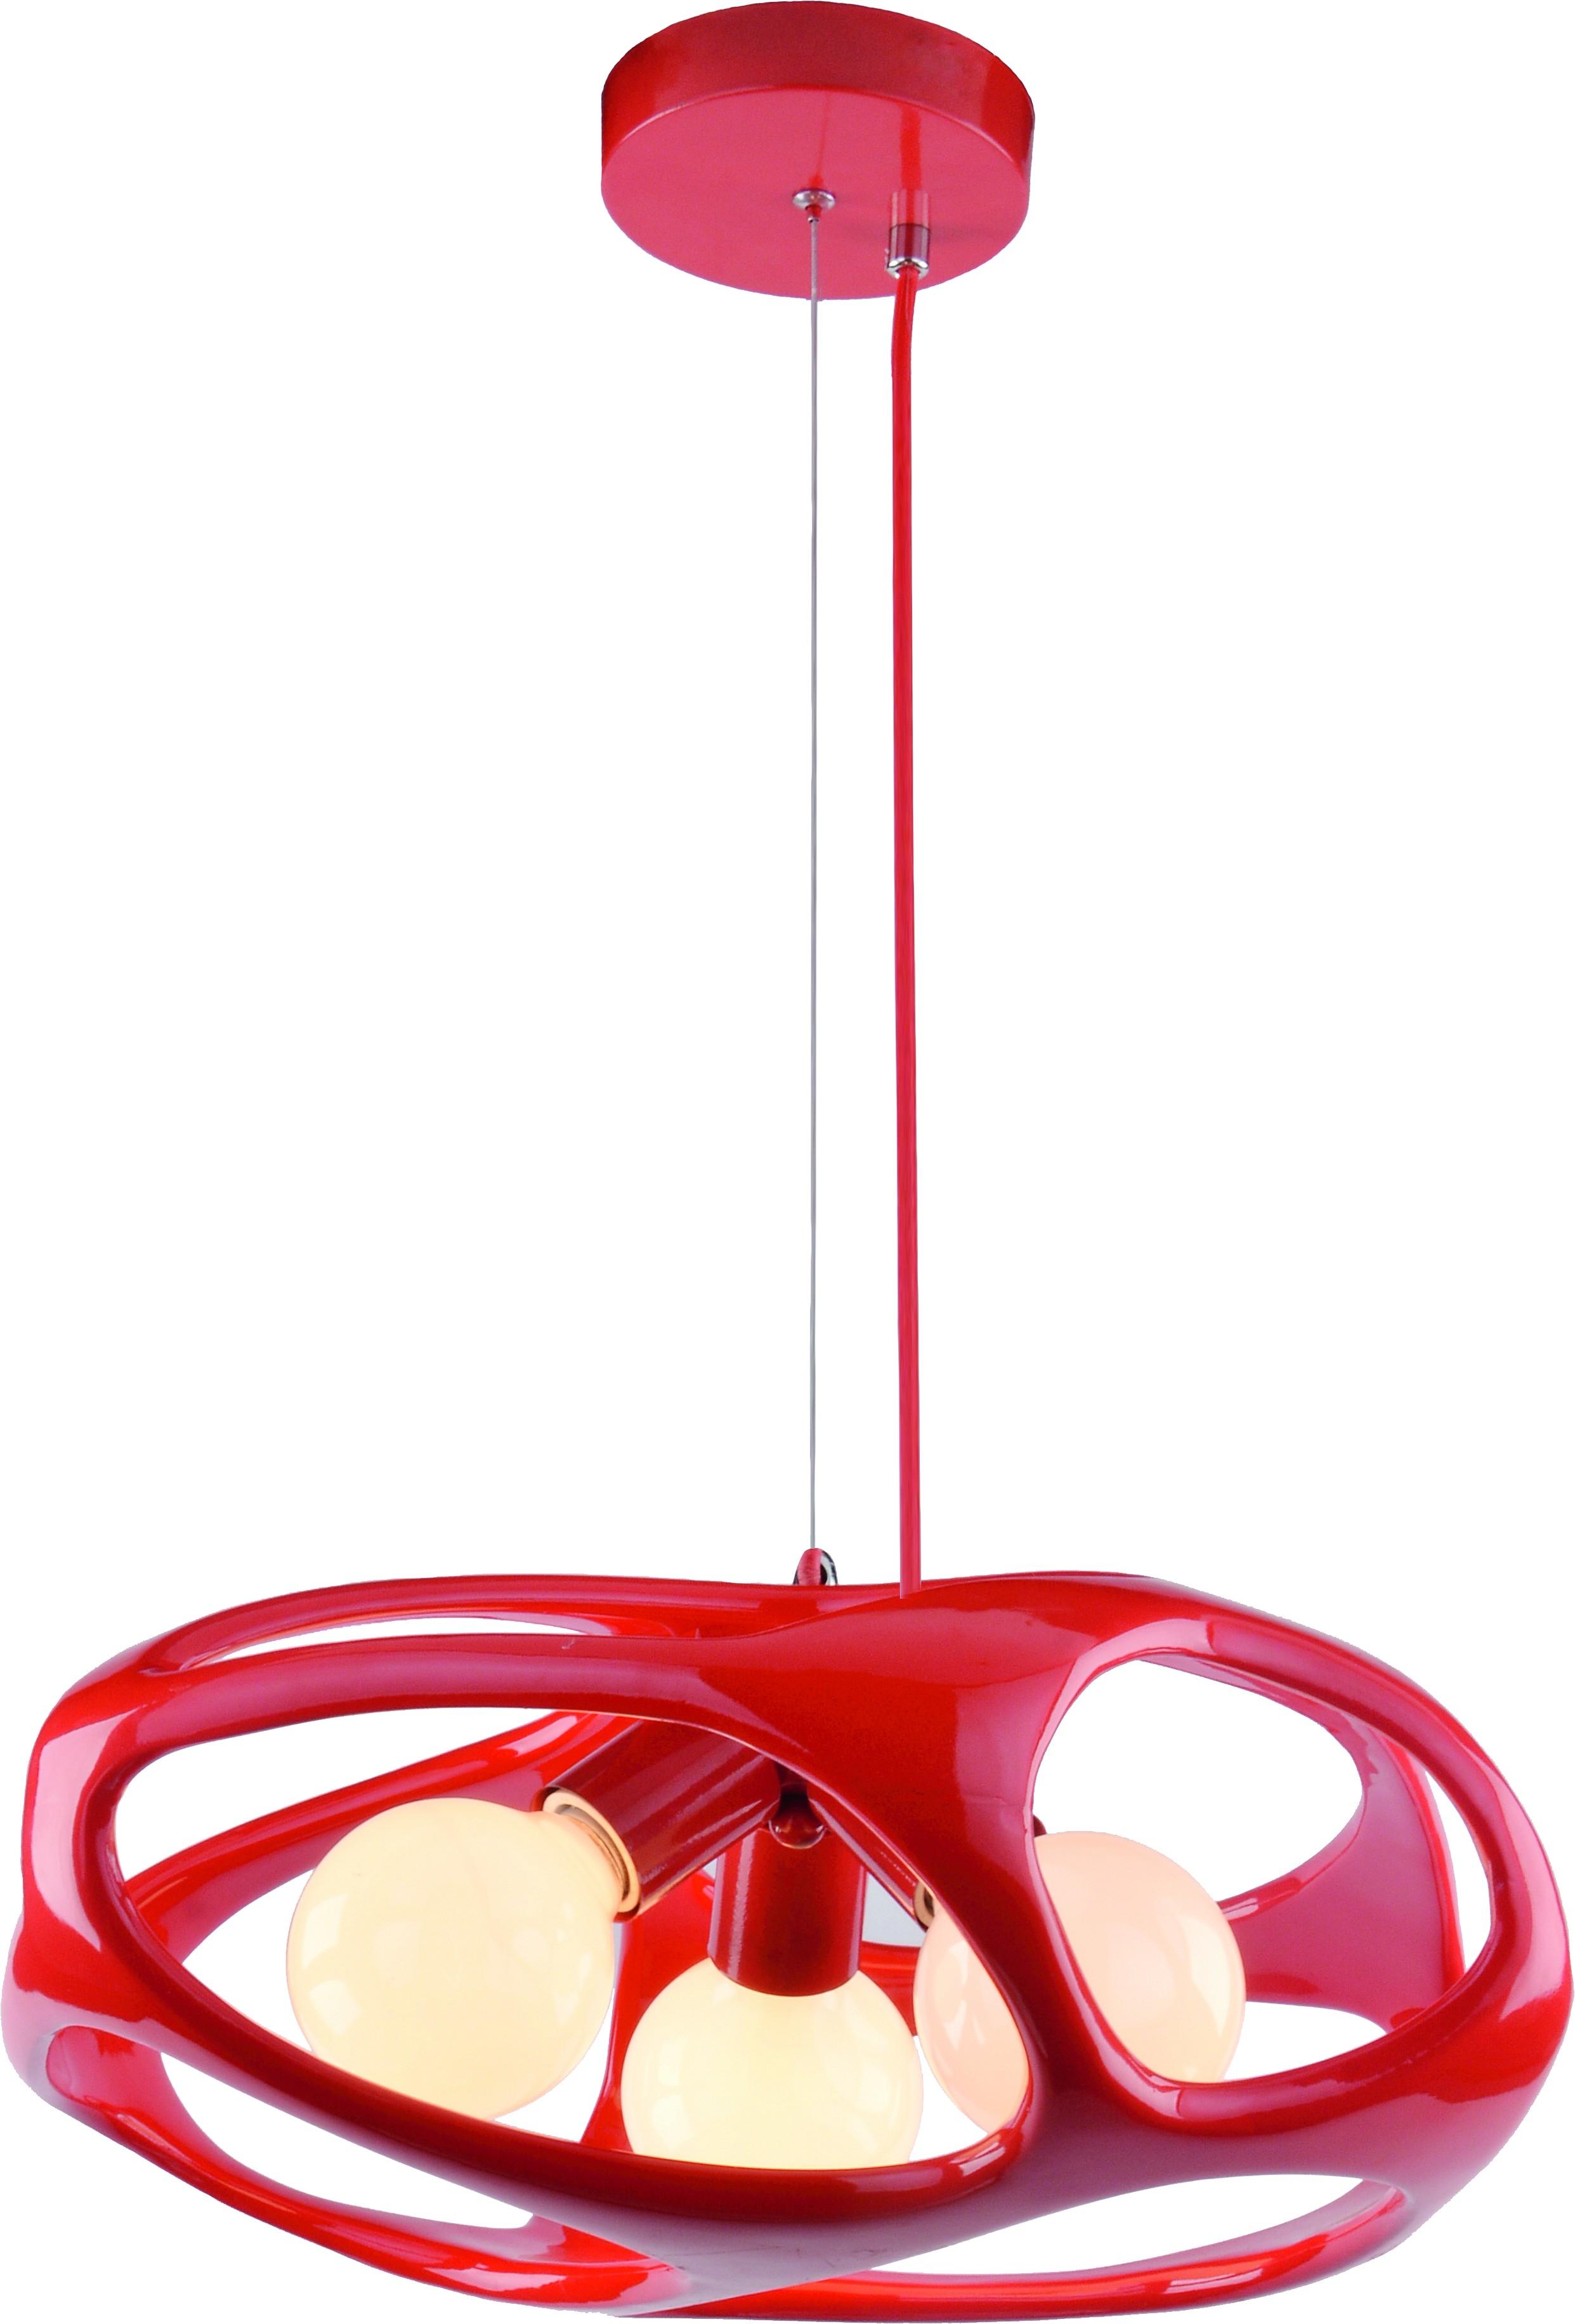 Люстра Arte lamp A3003sp-3rd подвесная люстра arte lamp mars a3003sp 3wh